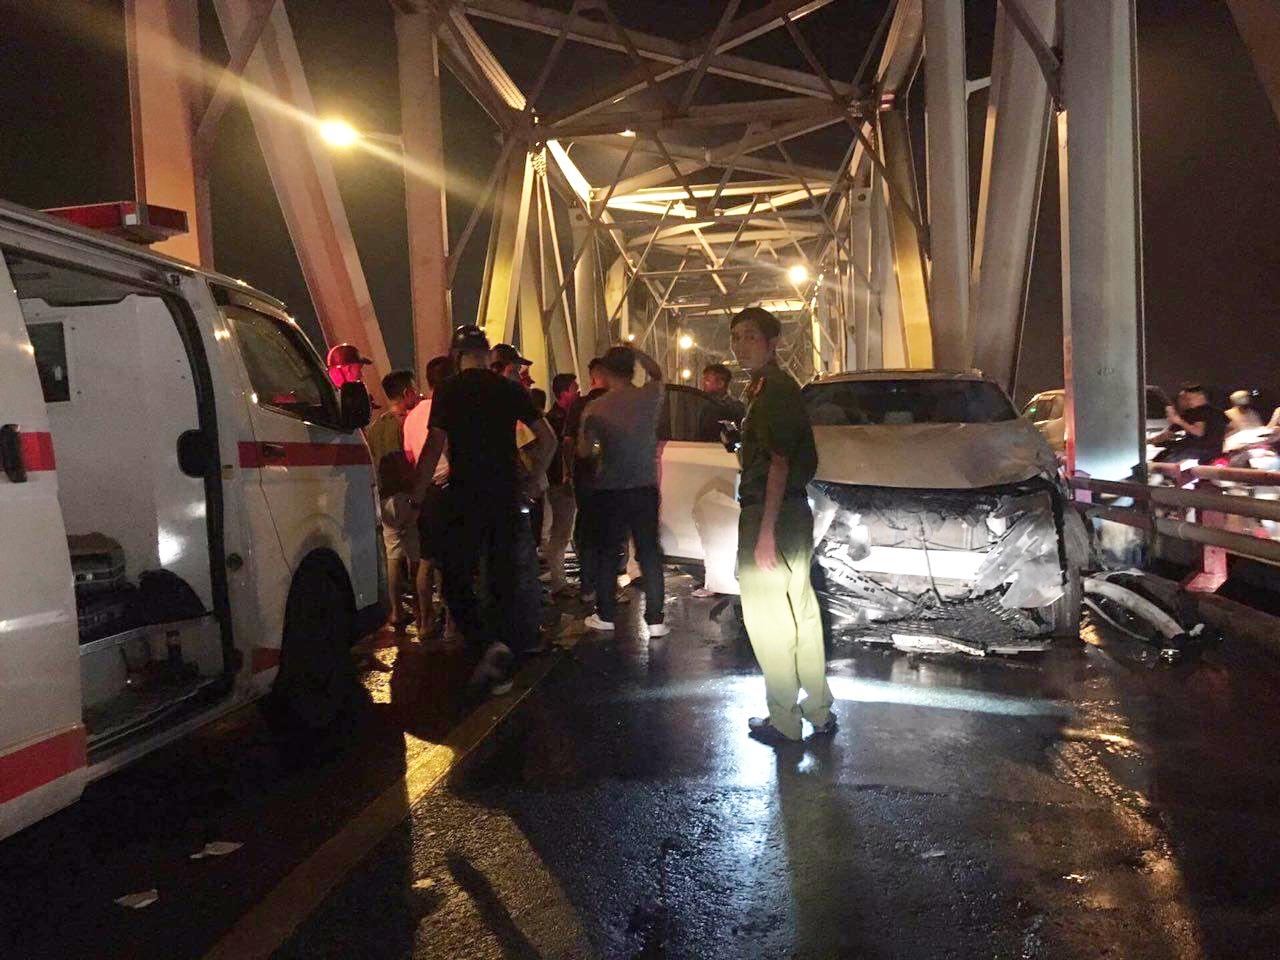 3 người thương vong sau tai nạn nghiêm trọng trên cầu Chương Dương trong đêm - Ảnh 4.